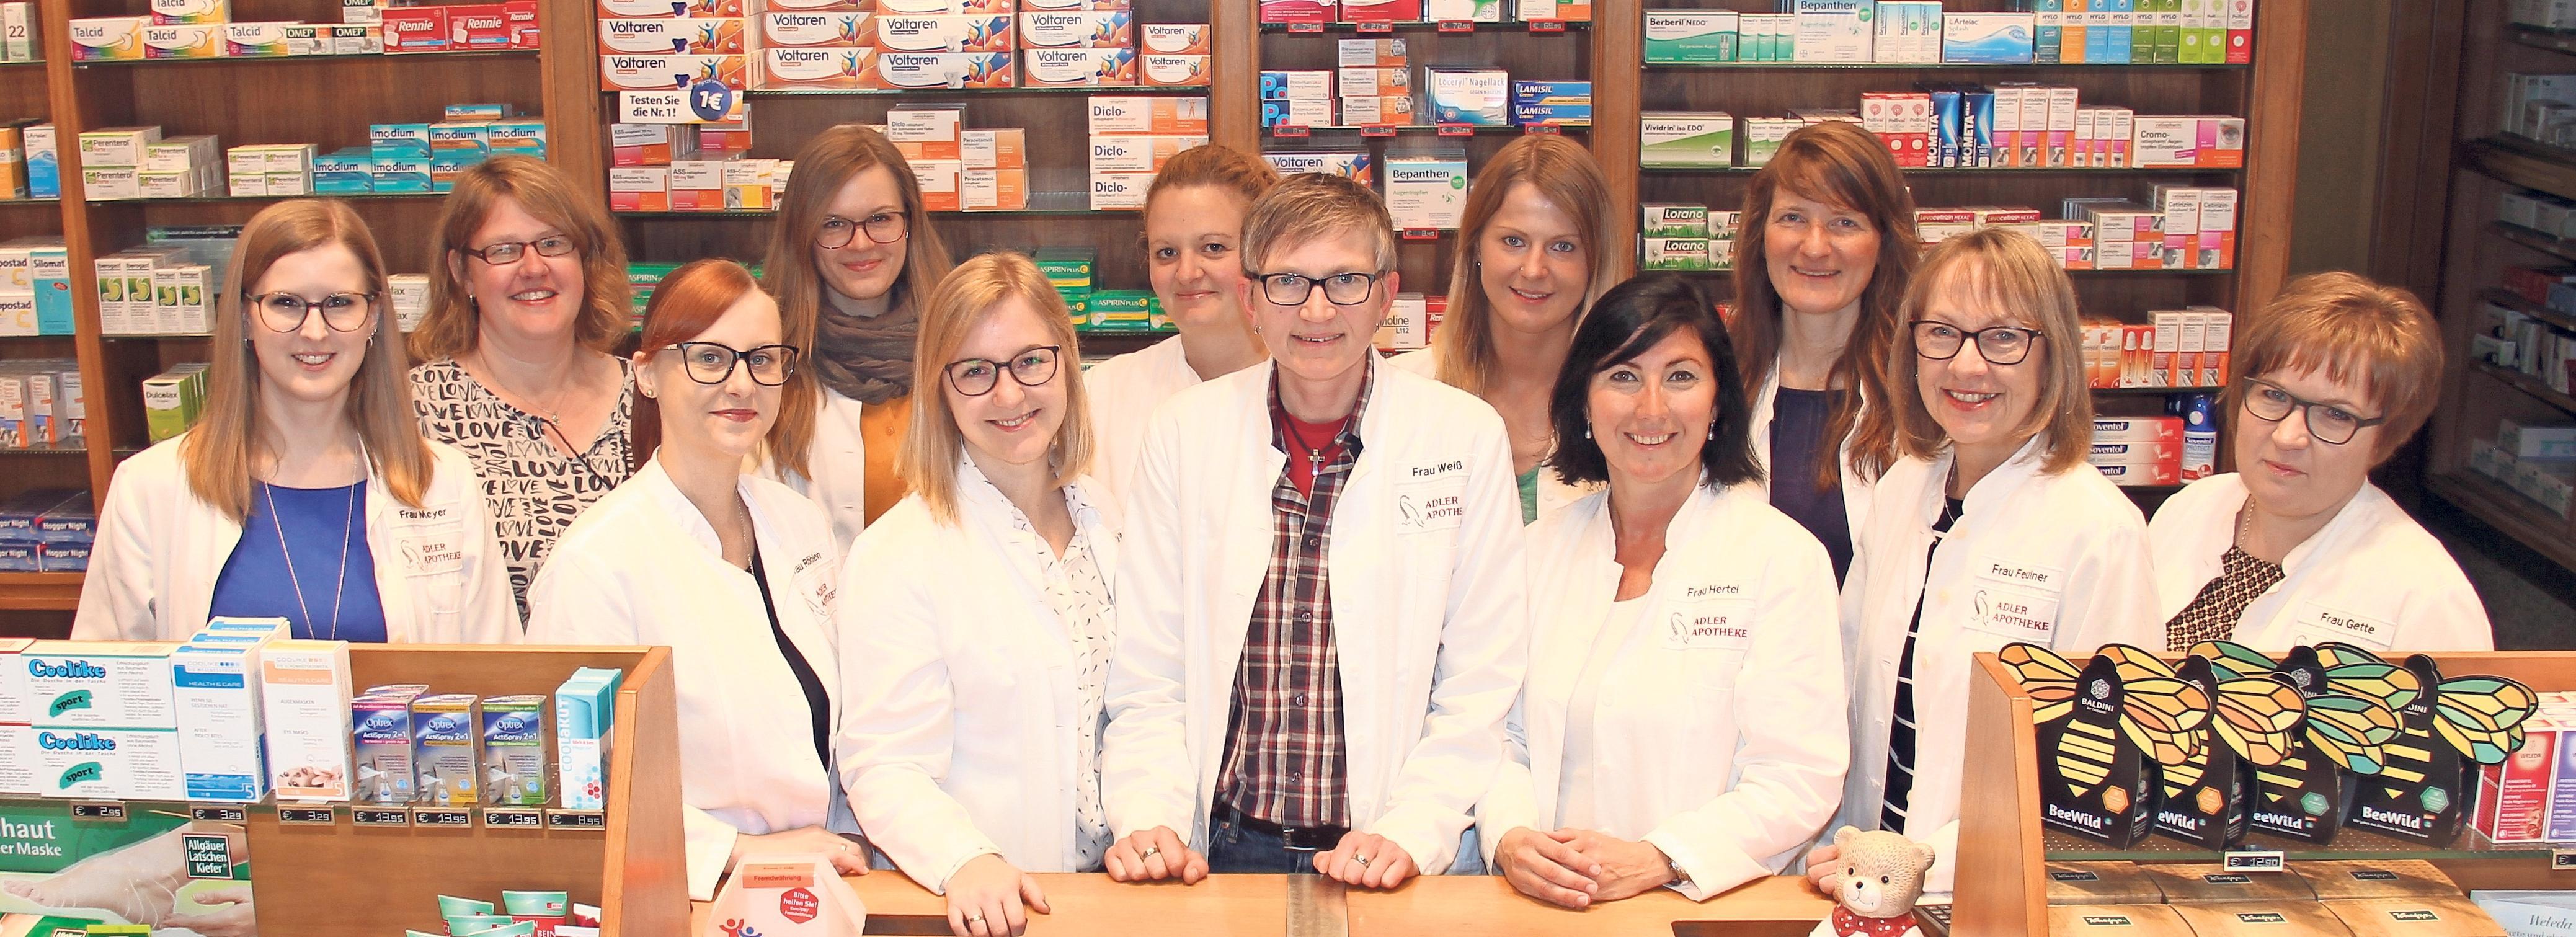 Hier stimmen Beratung, Freundlichkeit und Medikamentenverfügbarkeit: In allen Kategorien hat die Adler-Apotheke Platz eins belegt. Foto: Thomas Kenger